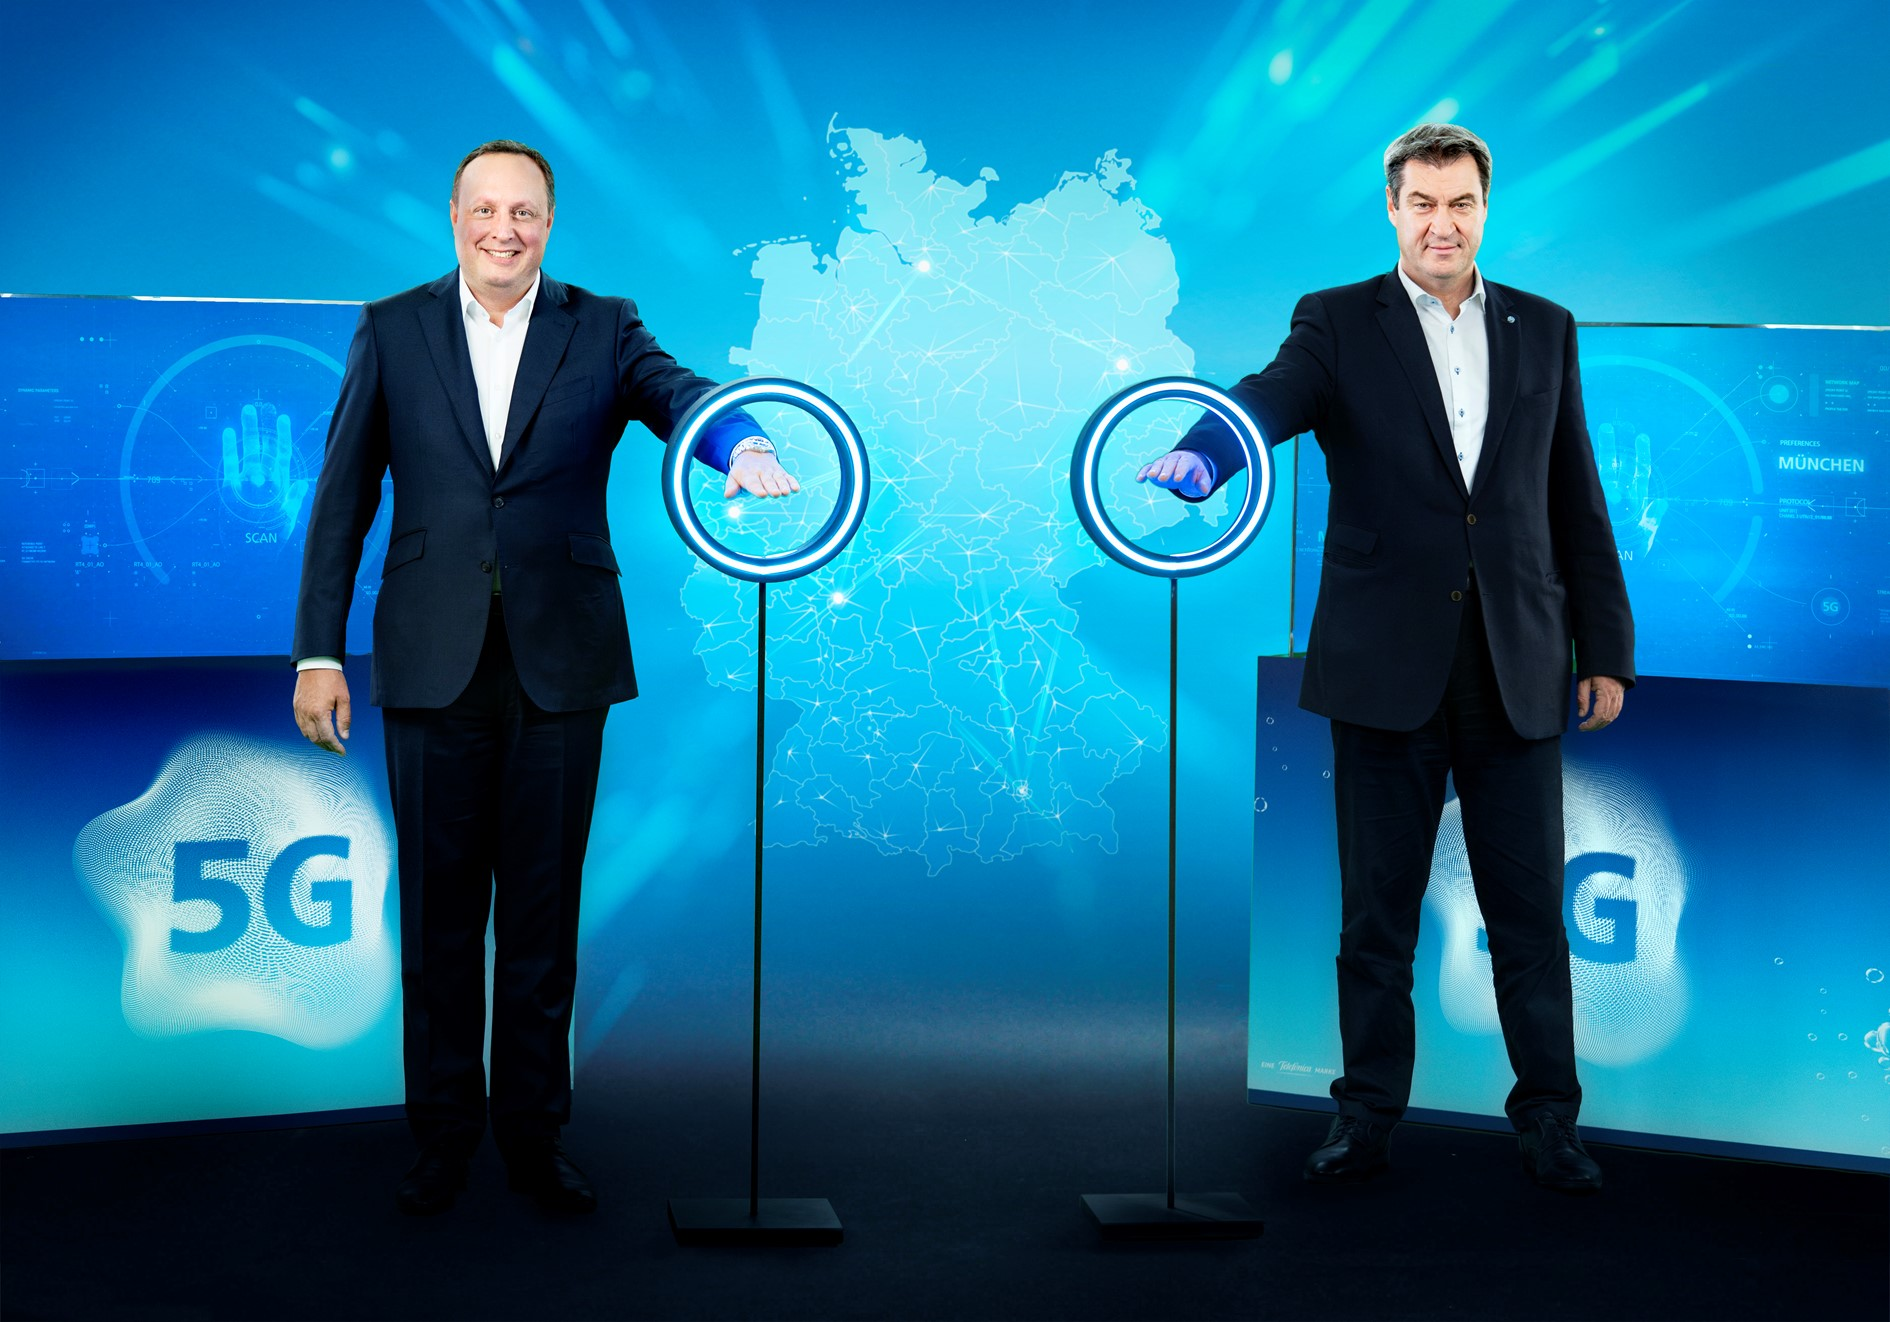 Markus Haas CEO Telefonica Deutschland und Ministerpräsident Bayern Markus Söder schalteten zusammen das O2 5G-Netz an.